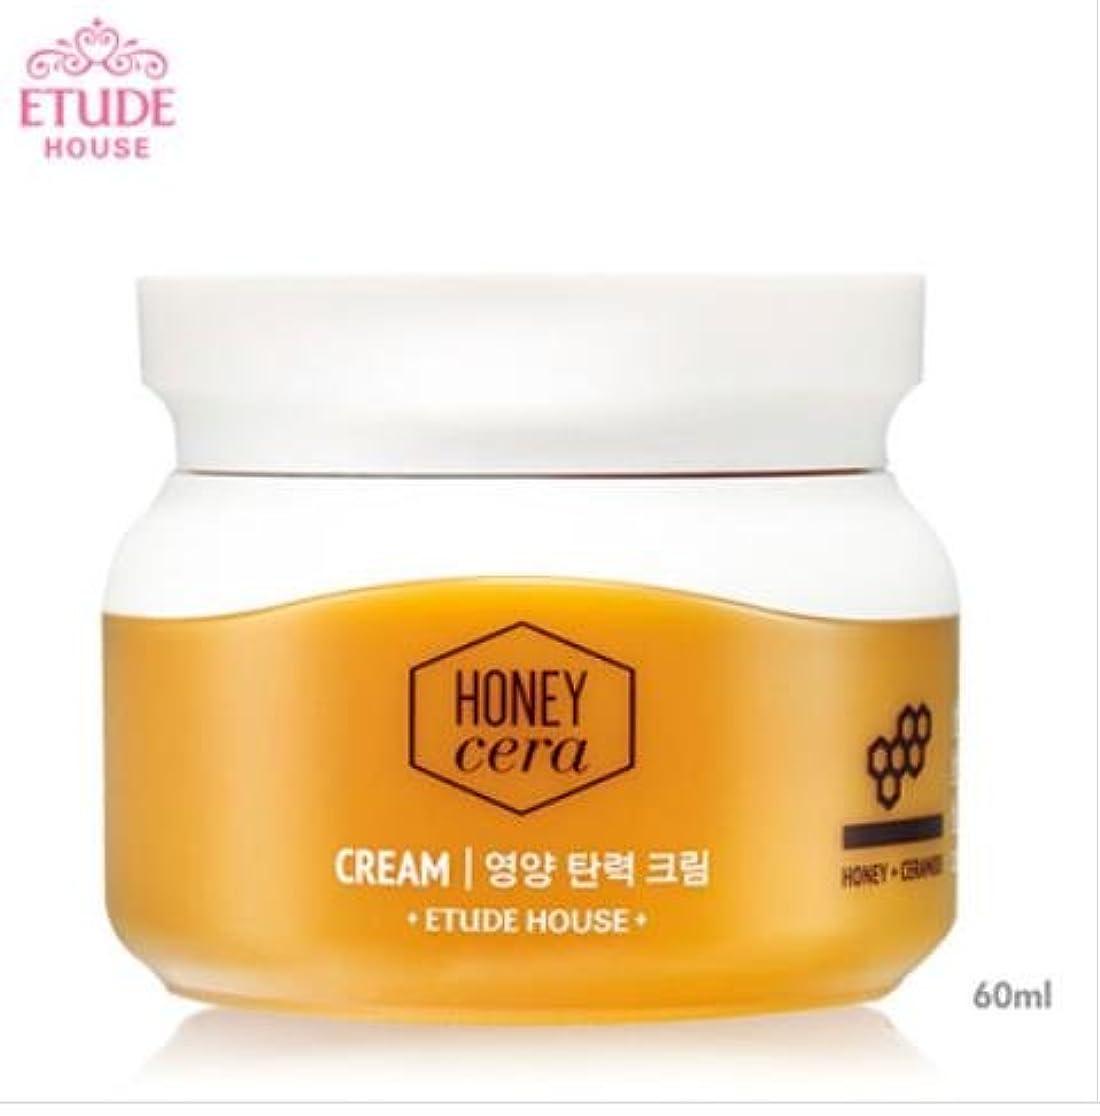 局子音不信[エチュードハウス] ETUDE HOUSE [ハニーセラ 栄養弾力 クリーム 60ml](Honey Sarah nutrition elastic Cream 60ml) [並行輸入品]